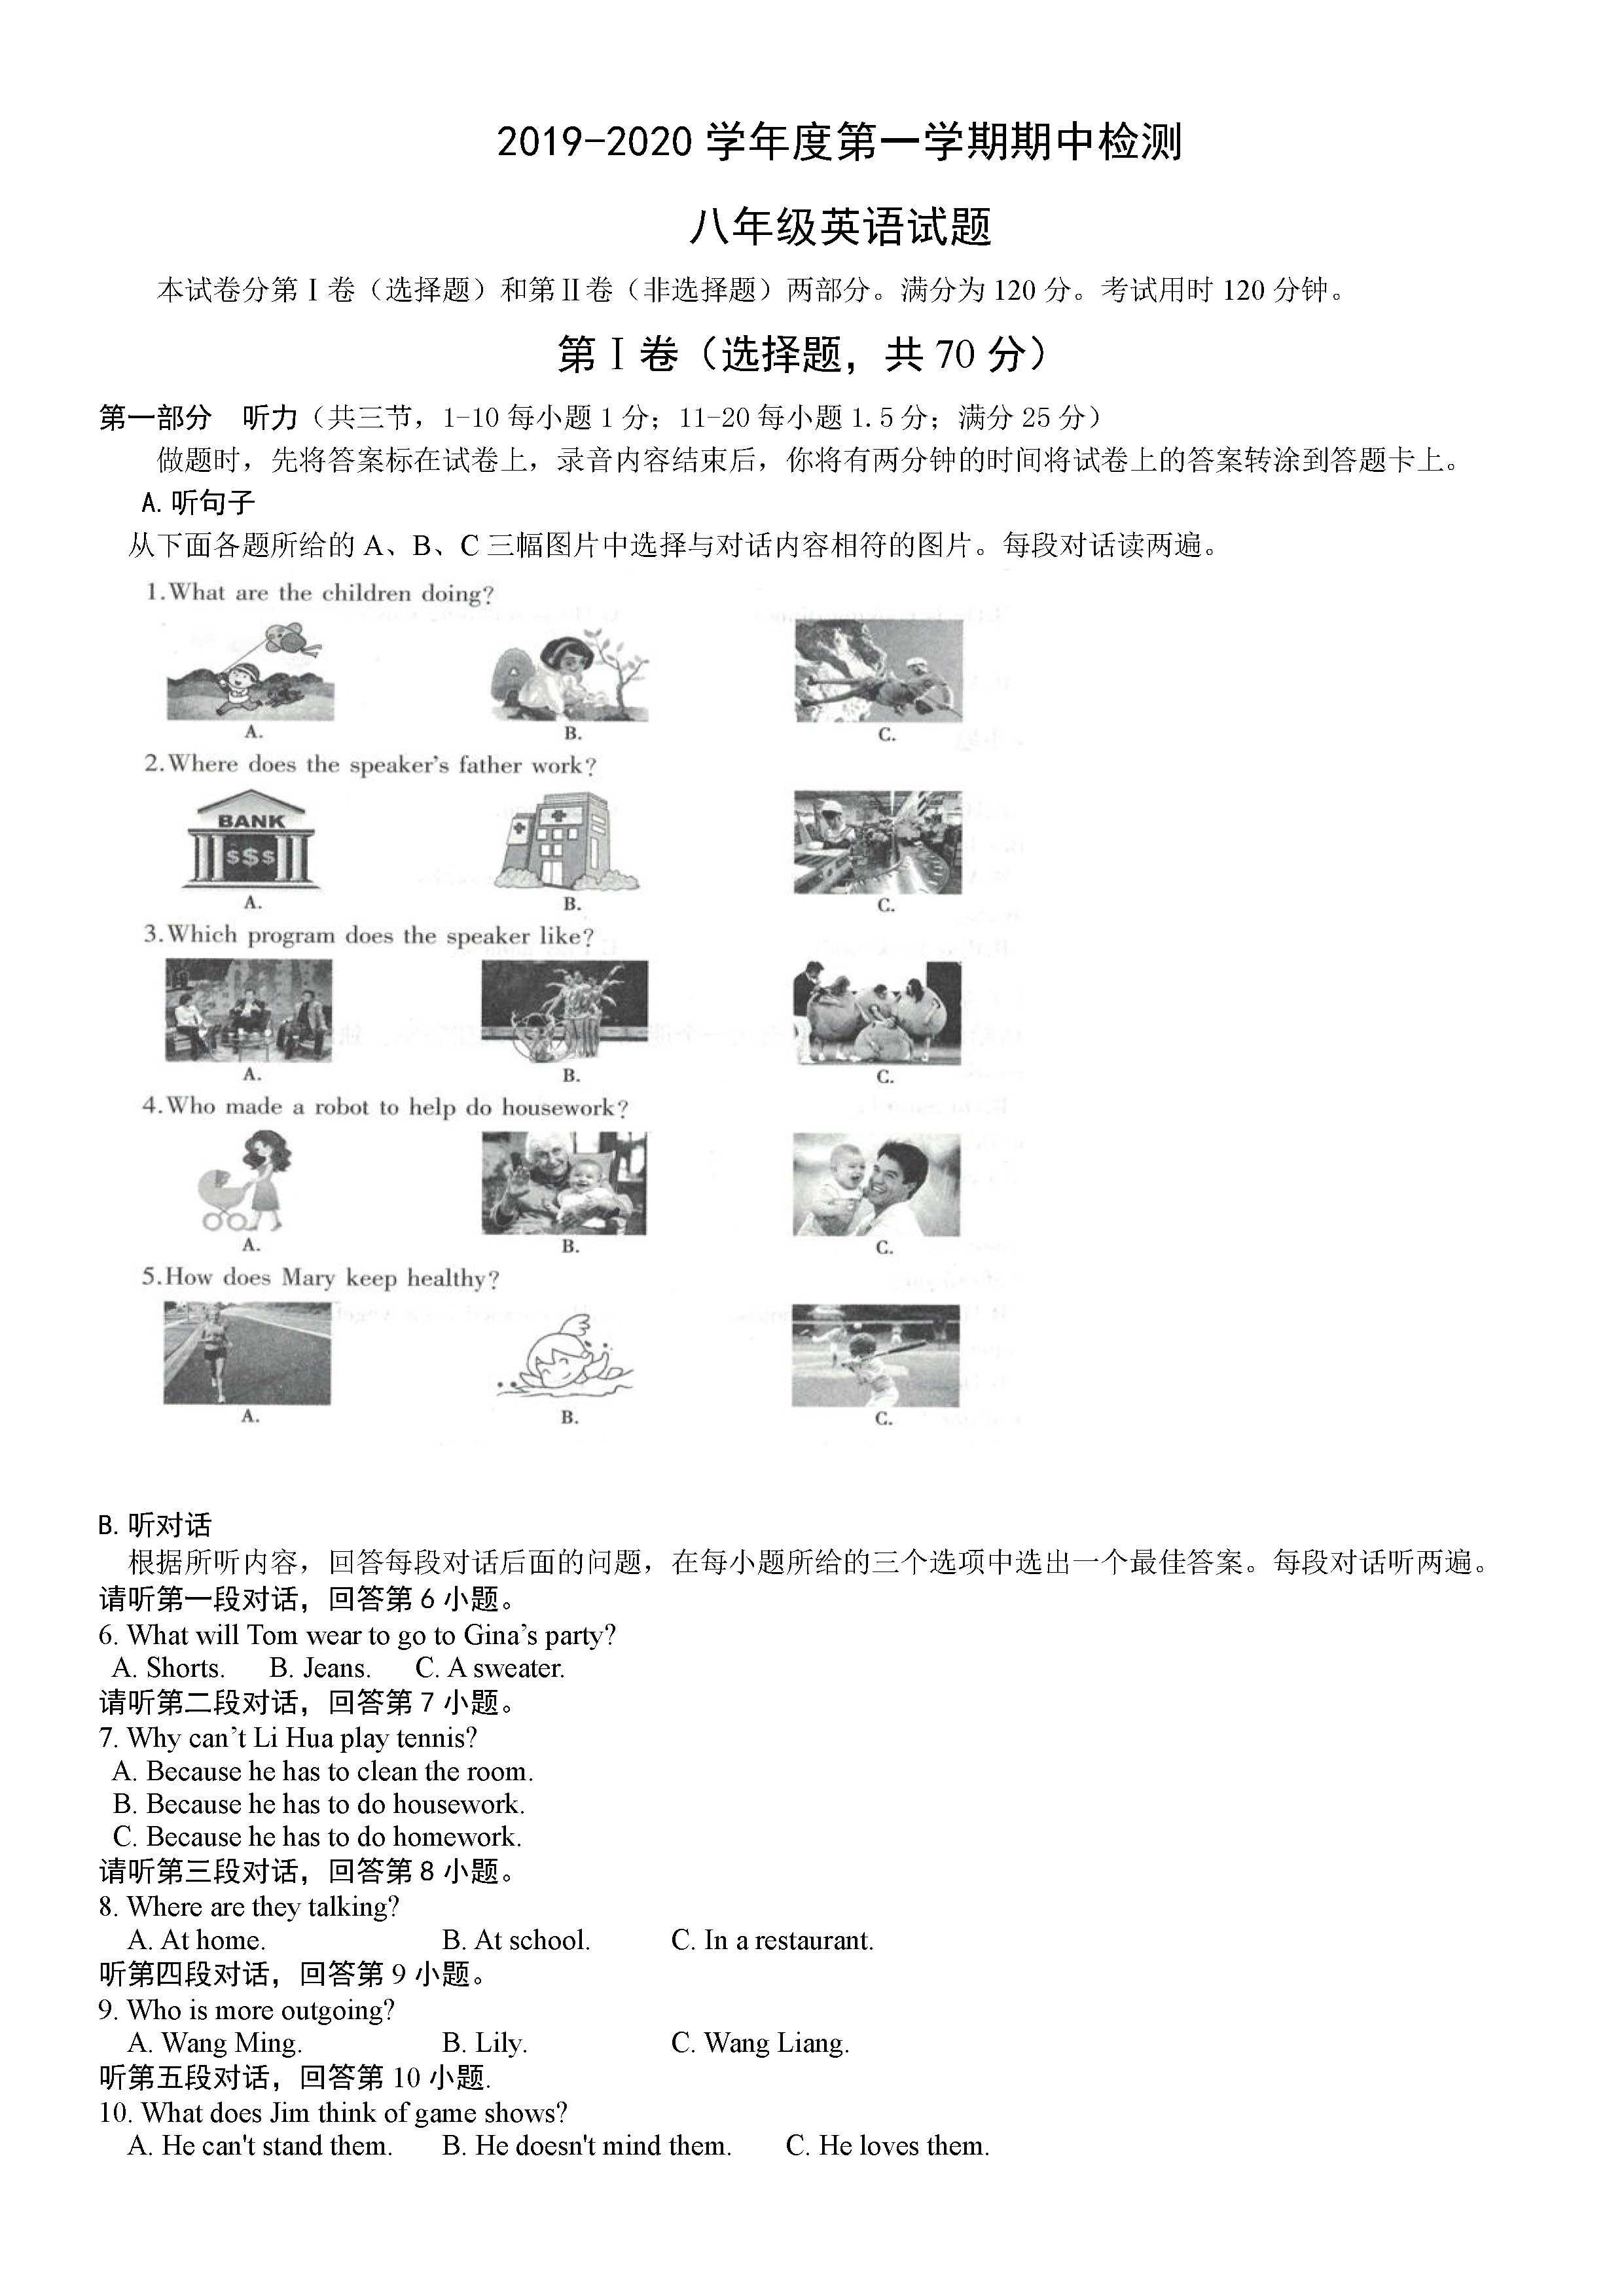 2019-2020山东郓城县高中八年级英语上册期中试题含答案(图片版)